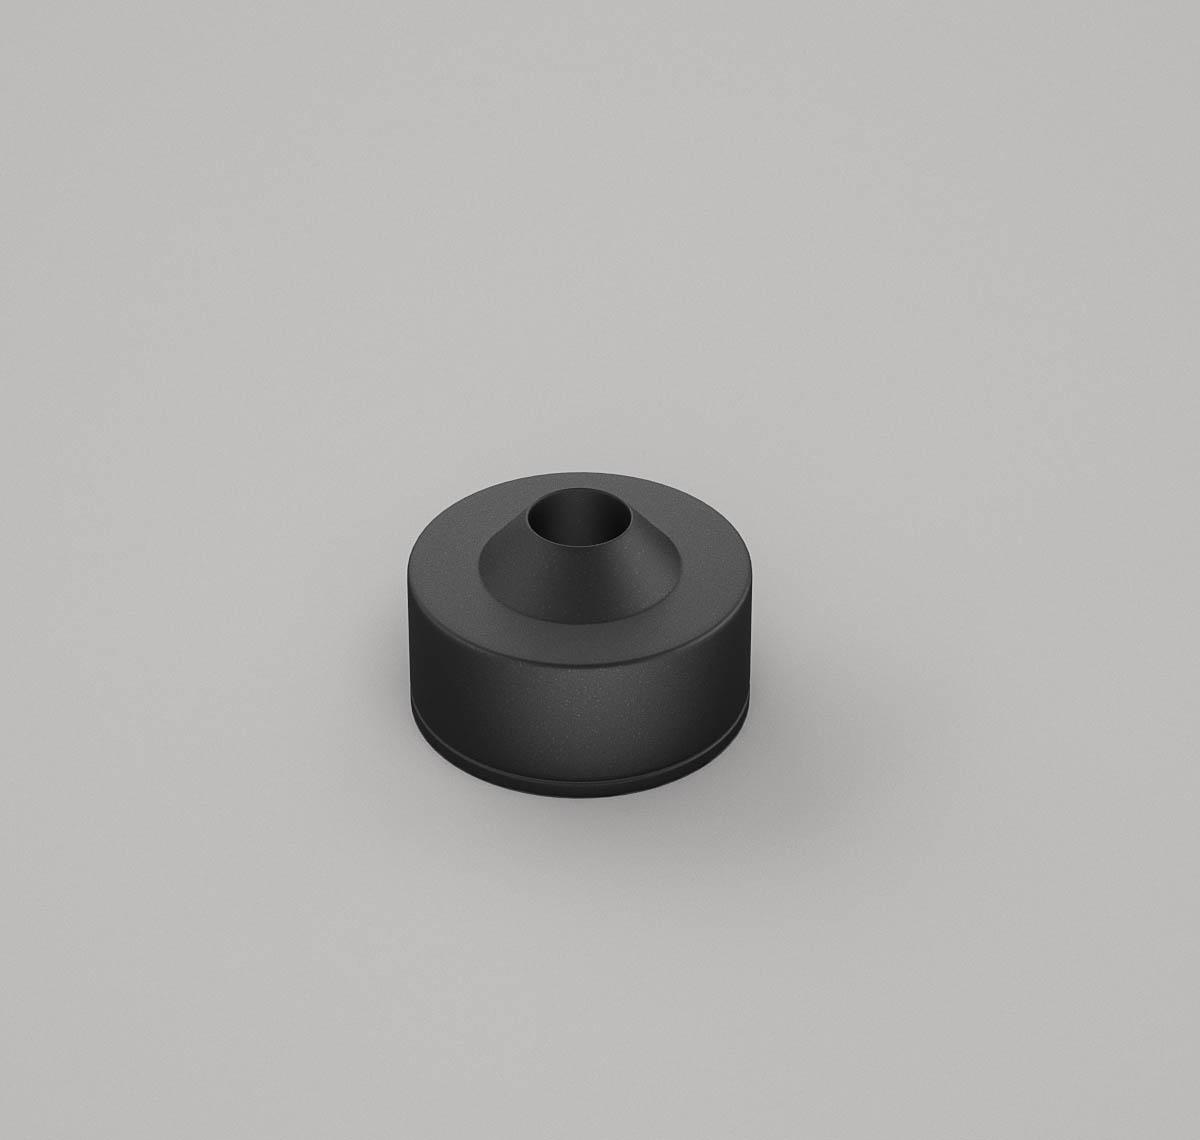 Шайба виброразвязывающая SoundGuard Vibro Washer Washer